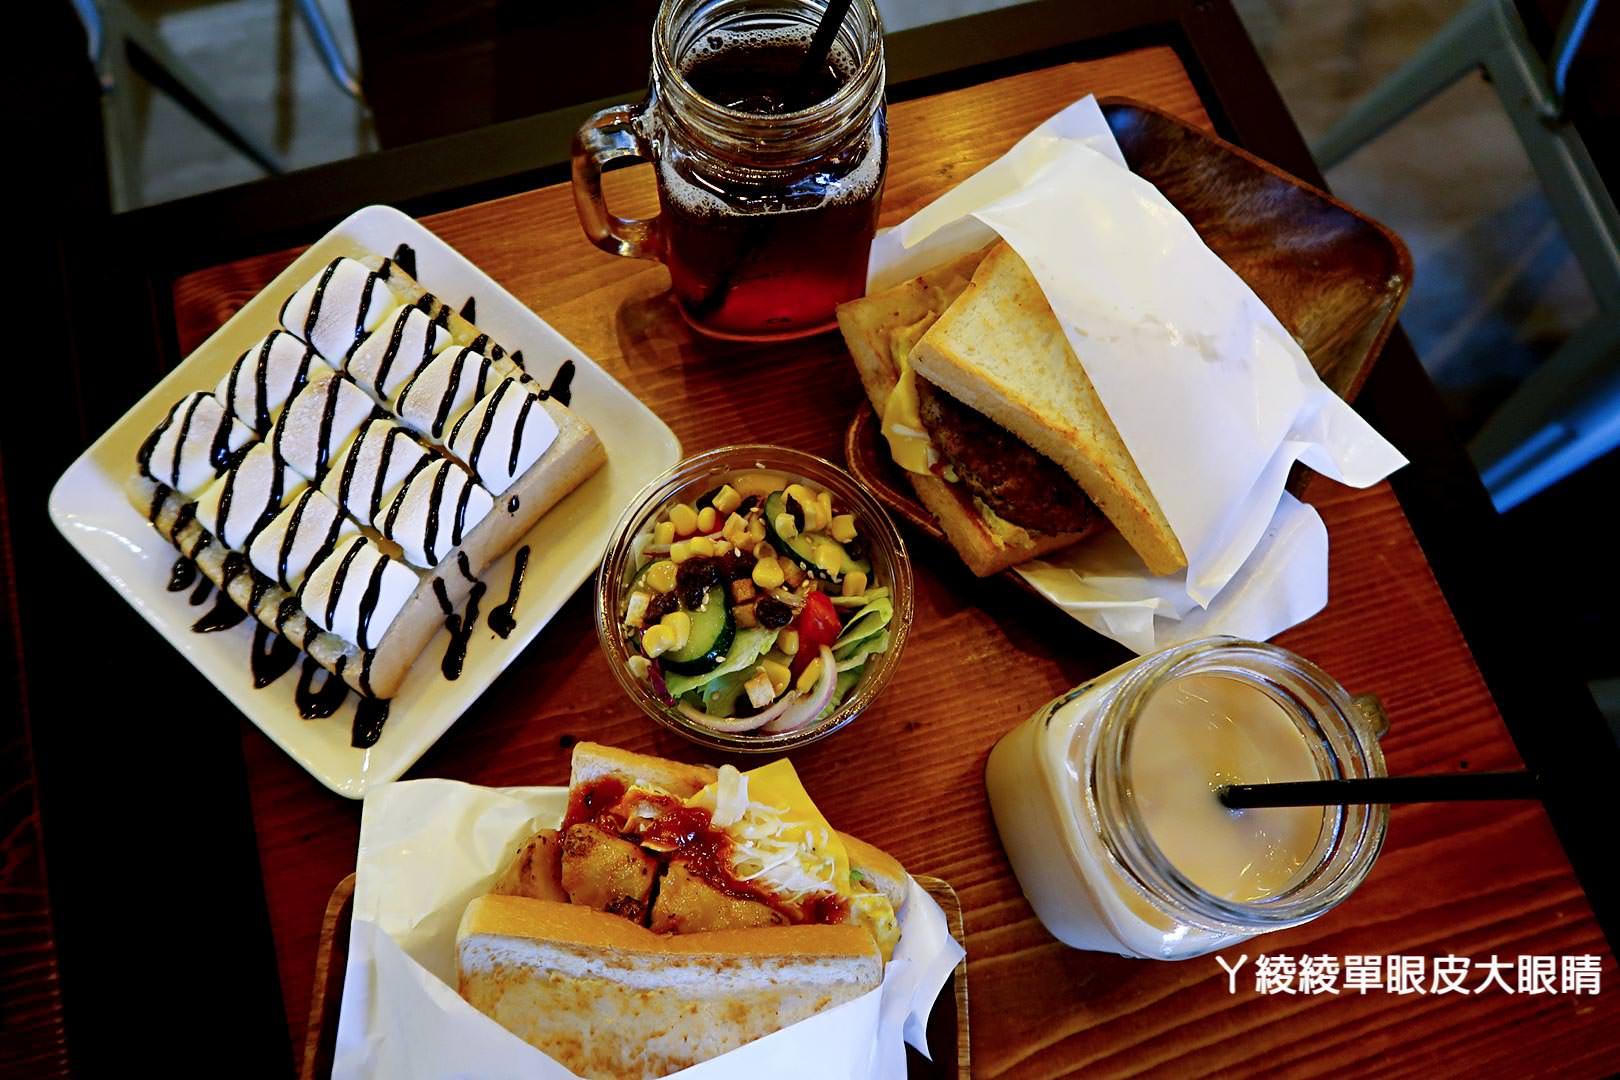 新竹早午餐,下午茶外送推薦!超人氣韓式煎吐司在晨曦OPPA吐司